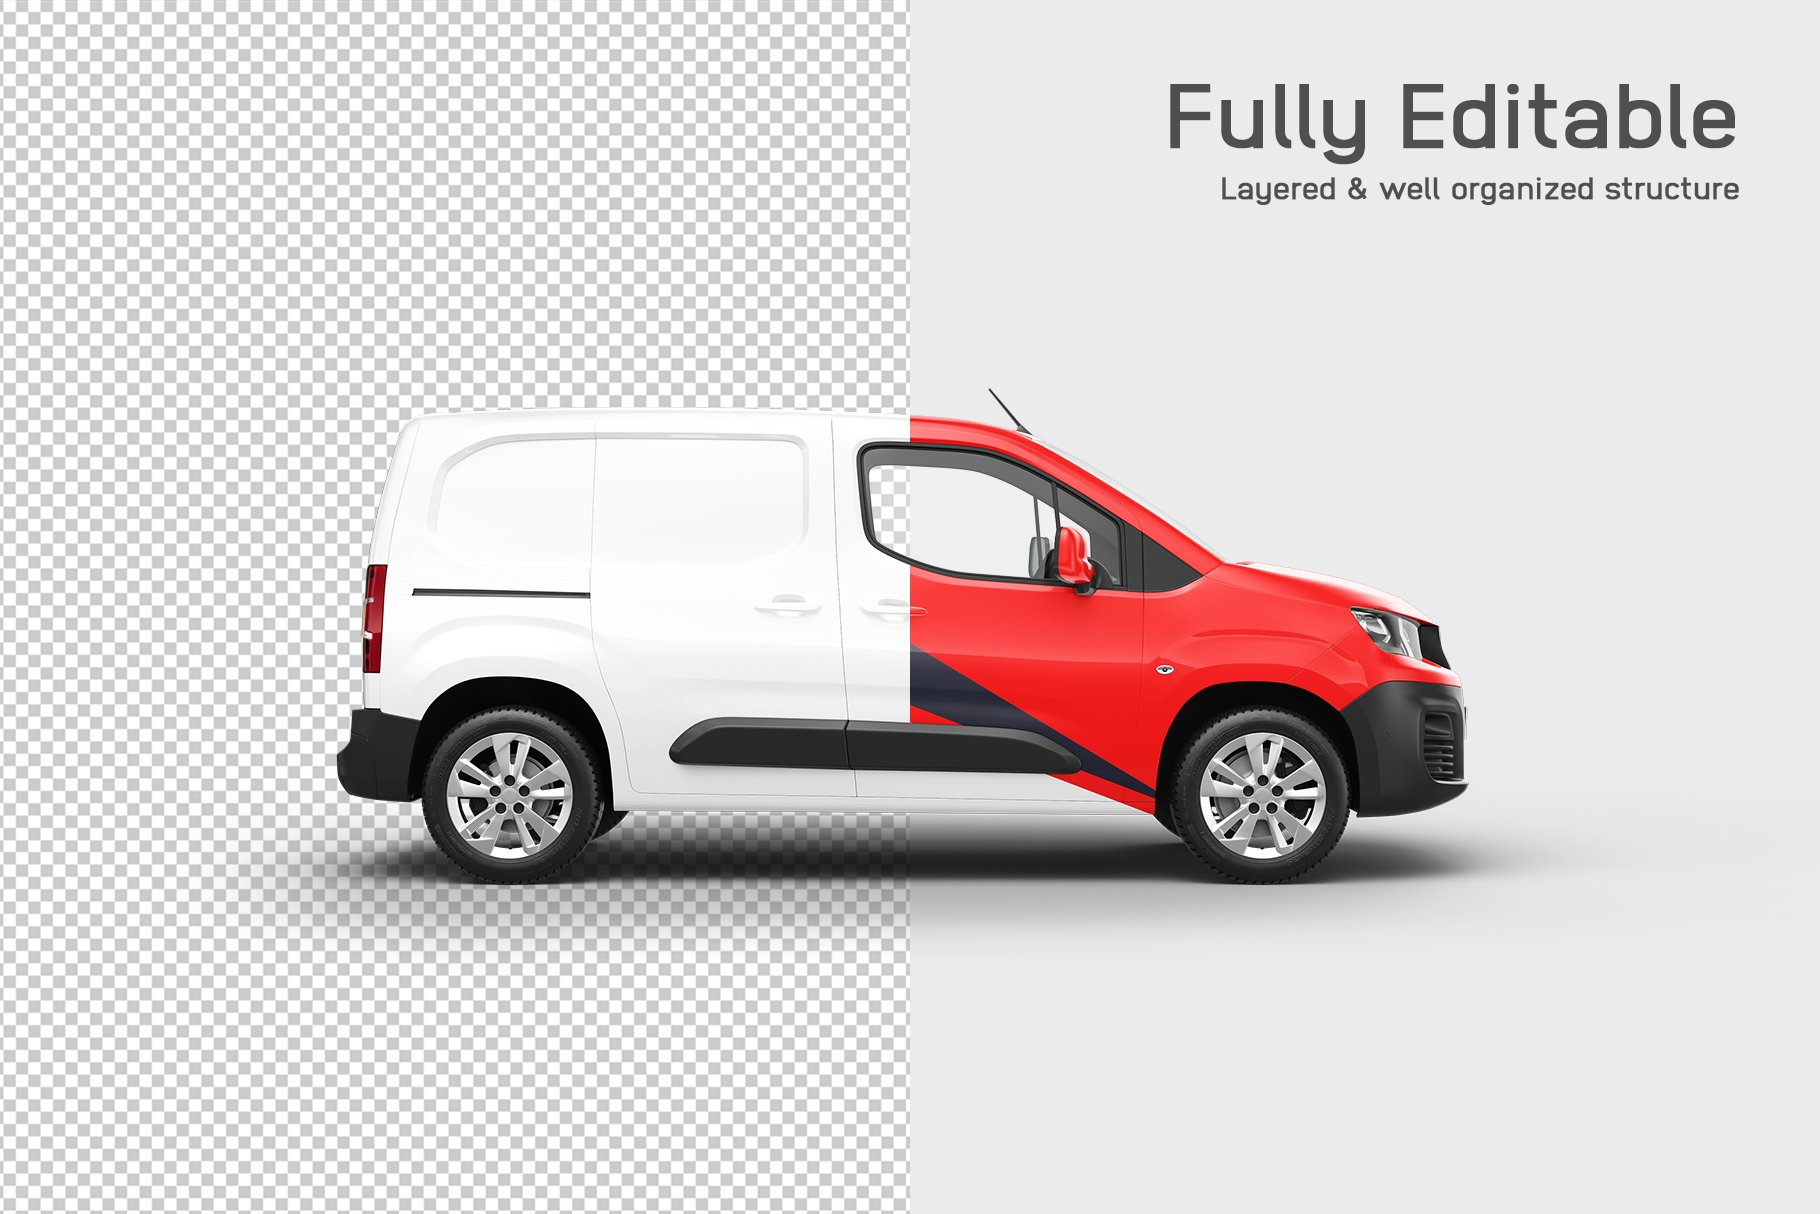 6款送货车面包车车身广告设计展示贴图样机 Delivery Car Mockup 5插图2